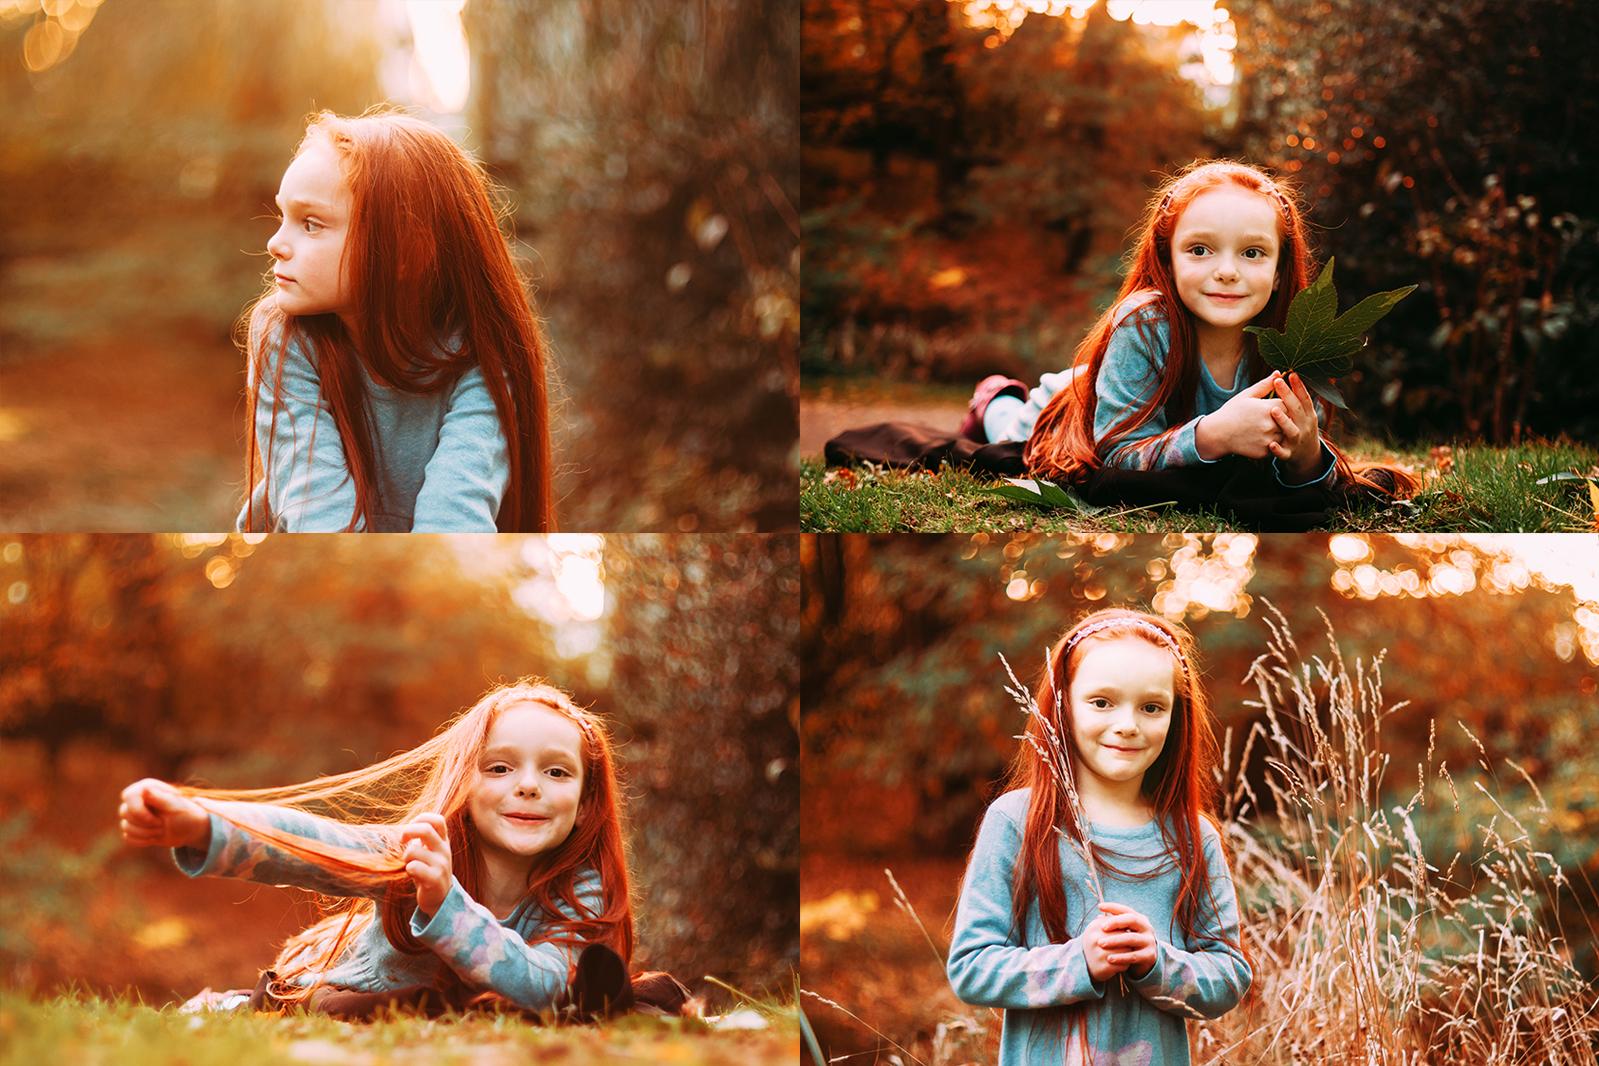 Fotoshooing, Mädchen, Rote Haare, Fotograf, Bücher, Kinderbücher, Anne aus Greengable, Frankfurt, Kinderfotografie, Literaturblog